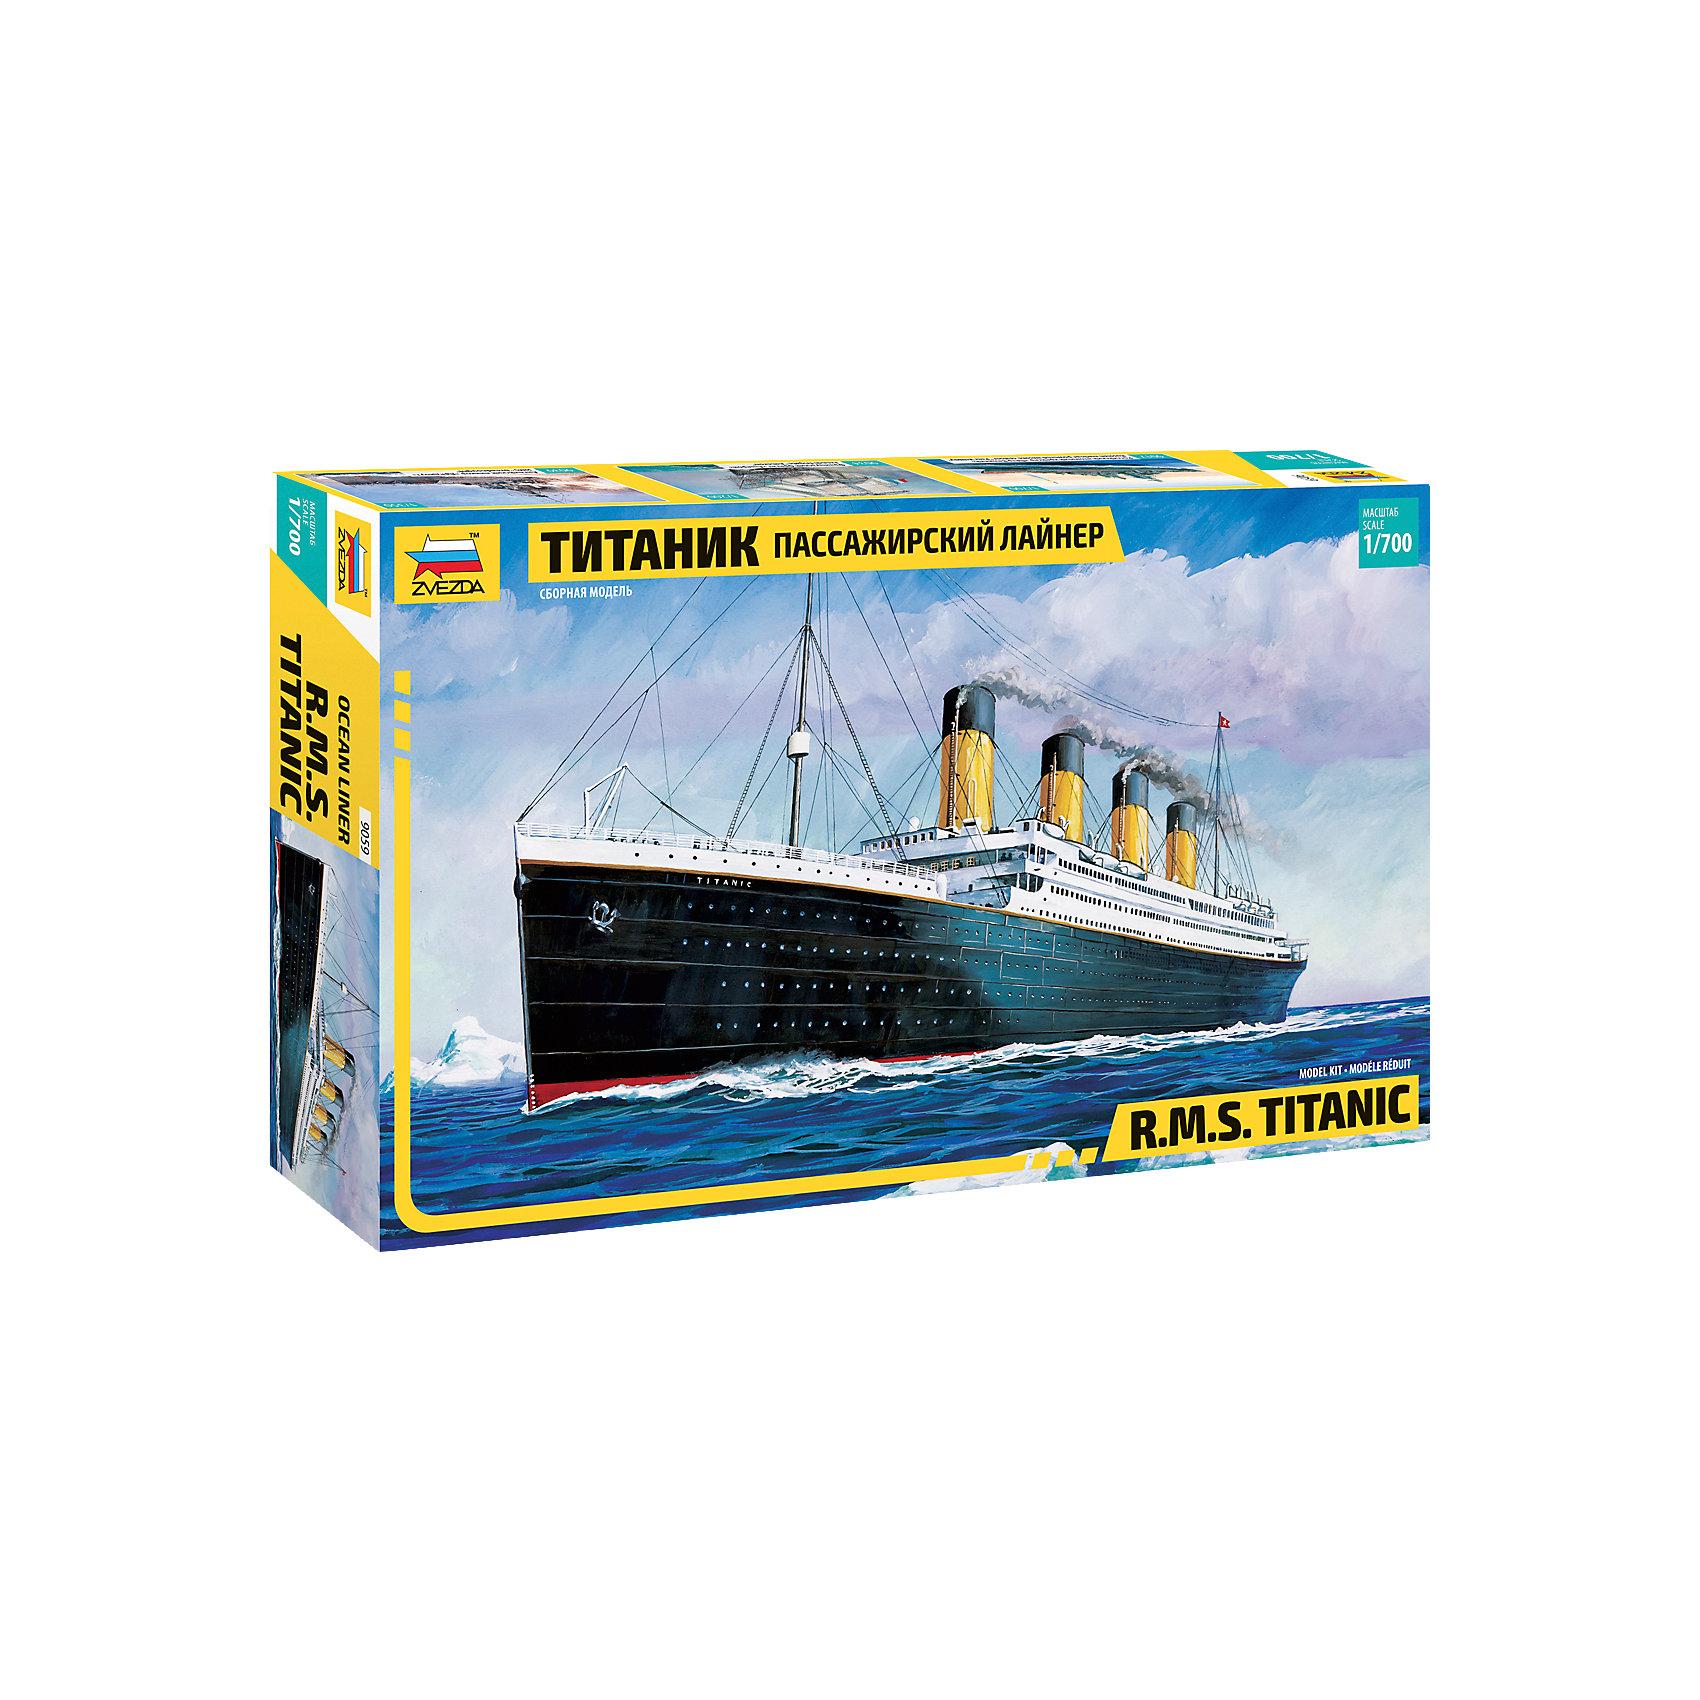 Сборная модель Звезда Пассажирский лайнер Титаник, 1:700Модели для склеивания<br>Модель сборная. Пассажирский лайнер Титаник<br><br>Ширина мм: 400<br>Глубина мм: 242<br>Высота мм: 70<br>Вес г: 420<br>Возраст от месяцев: 36<br>Возраст до месяцев: 180<br>Пол: Мужской<br>Возраст: Детский<br>SKU: 7086603